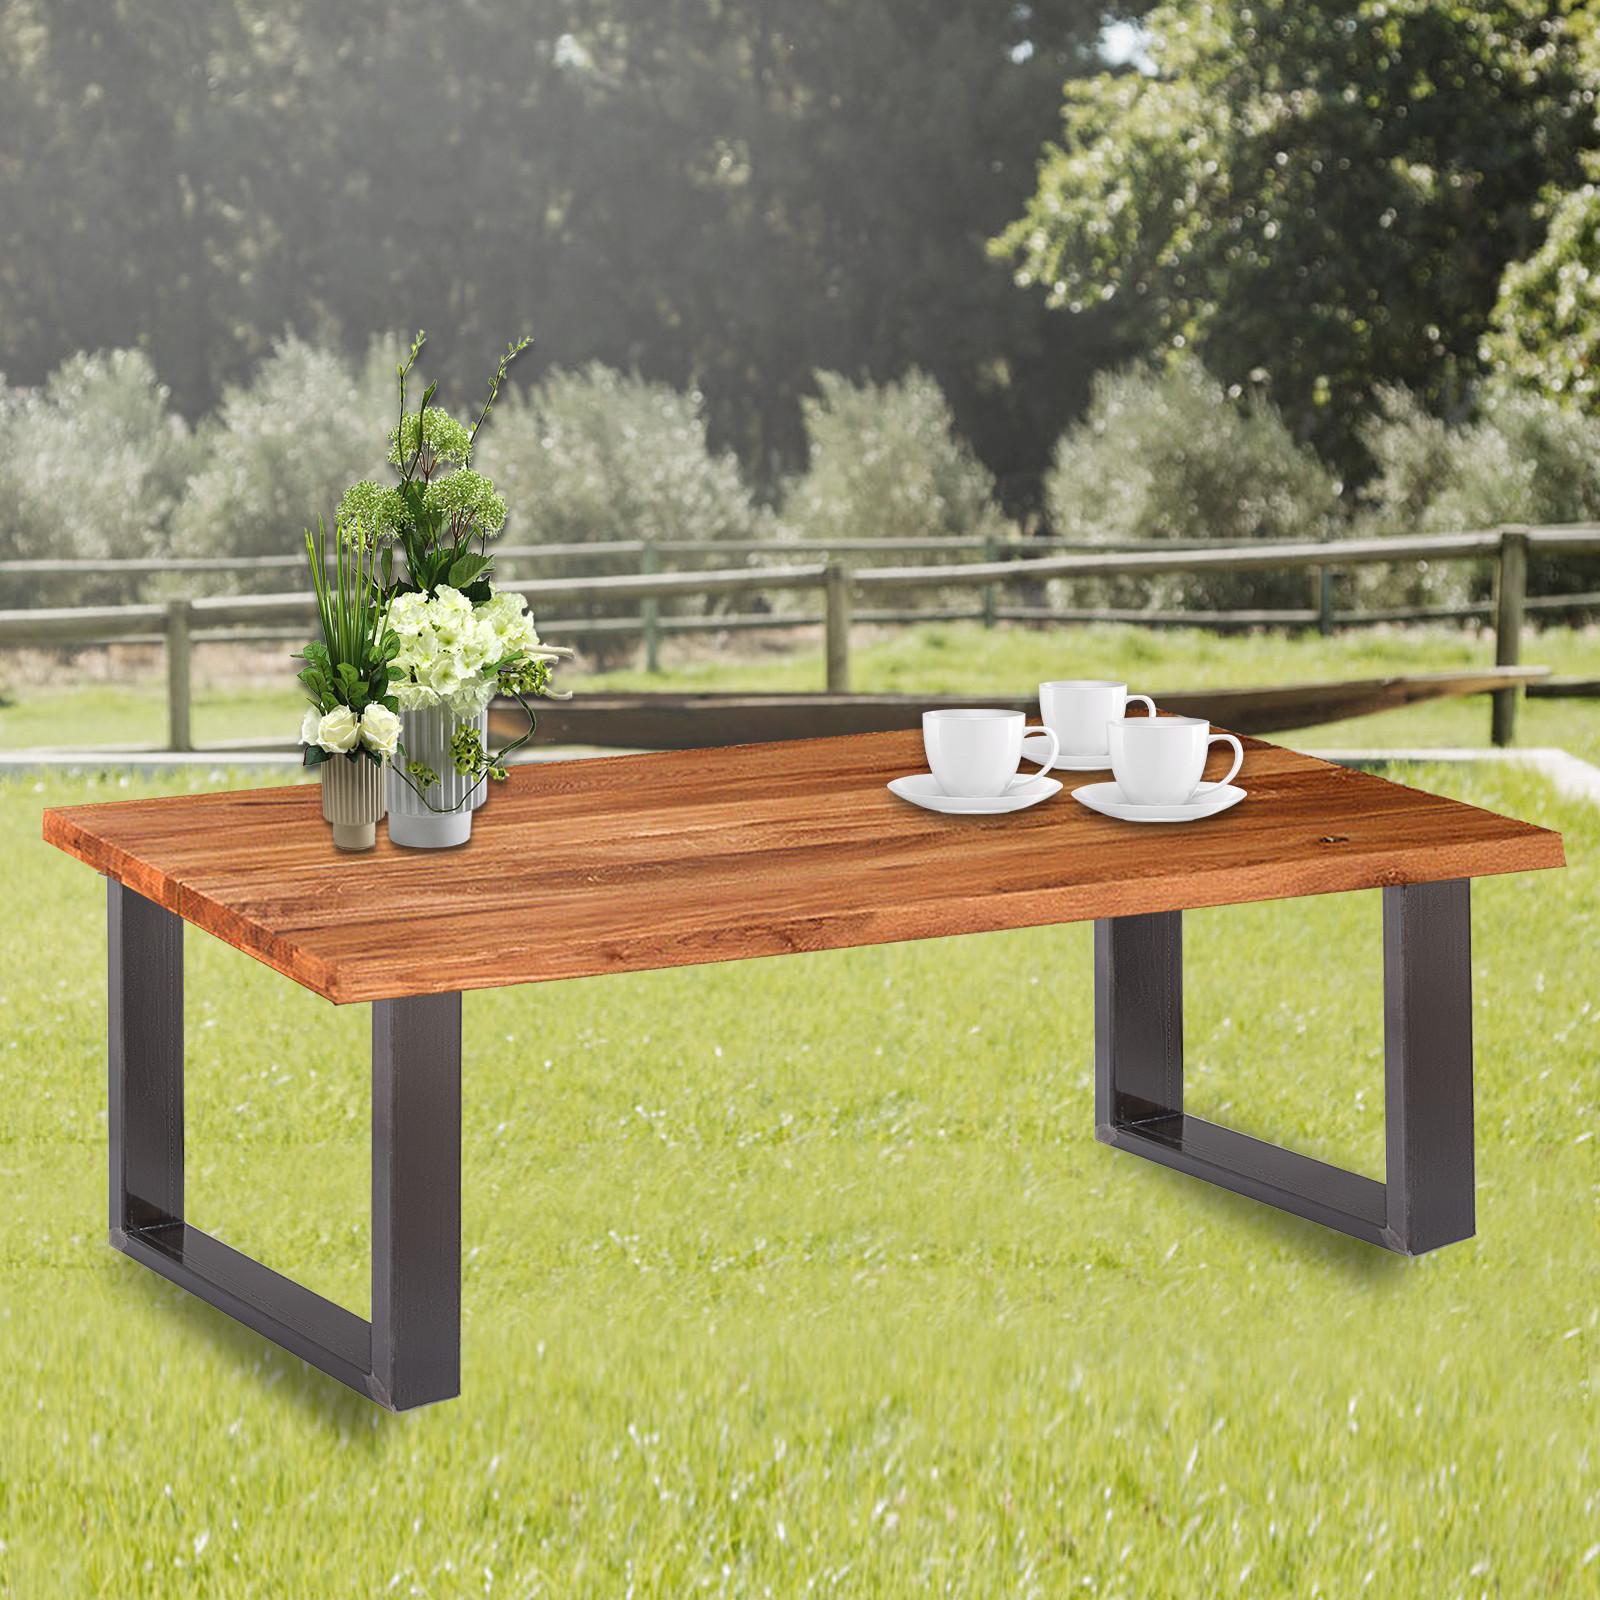 2x-Gambe-per-tavolo-piedi-tavolo-72X-100-CM-Salotto-Cucina-stile-industriale miniatura 12